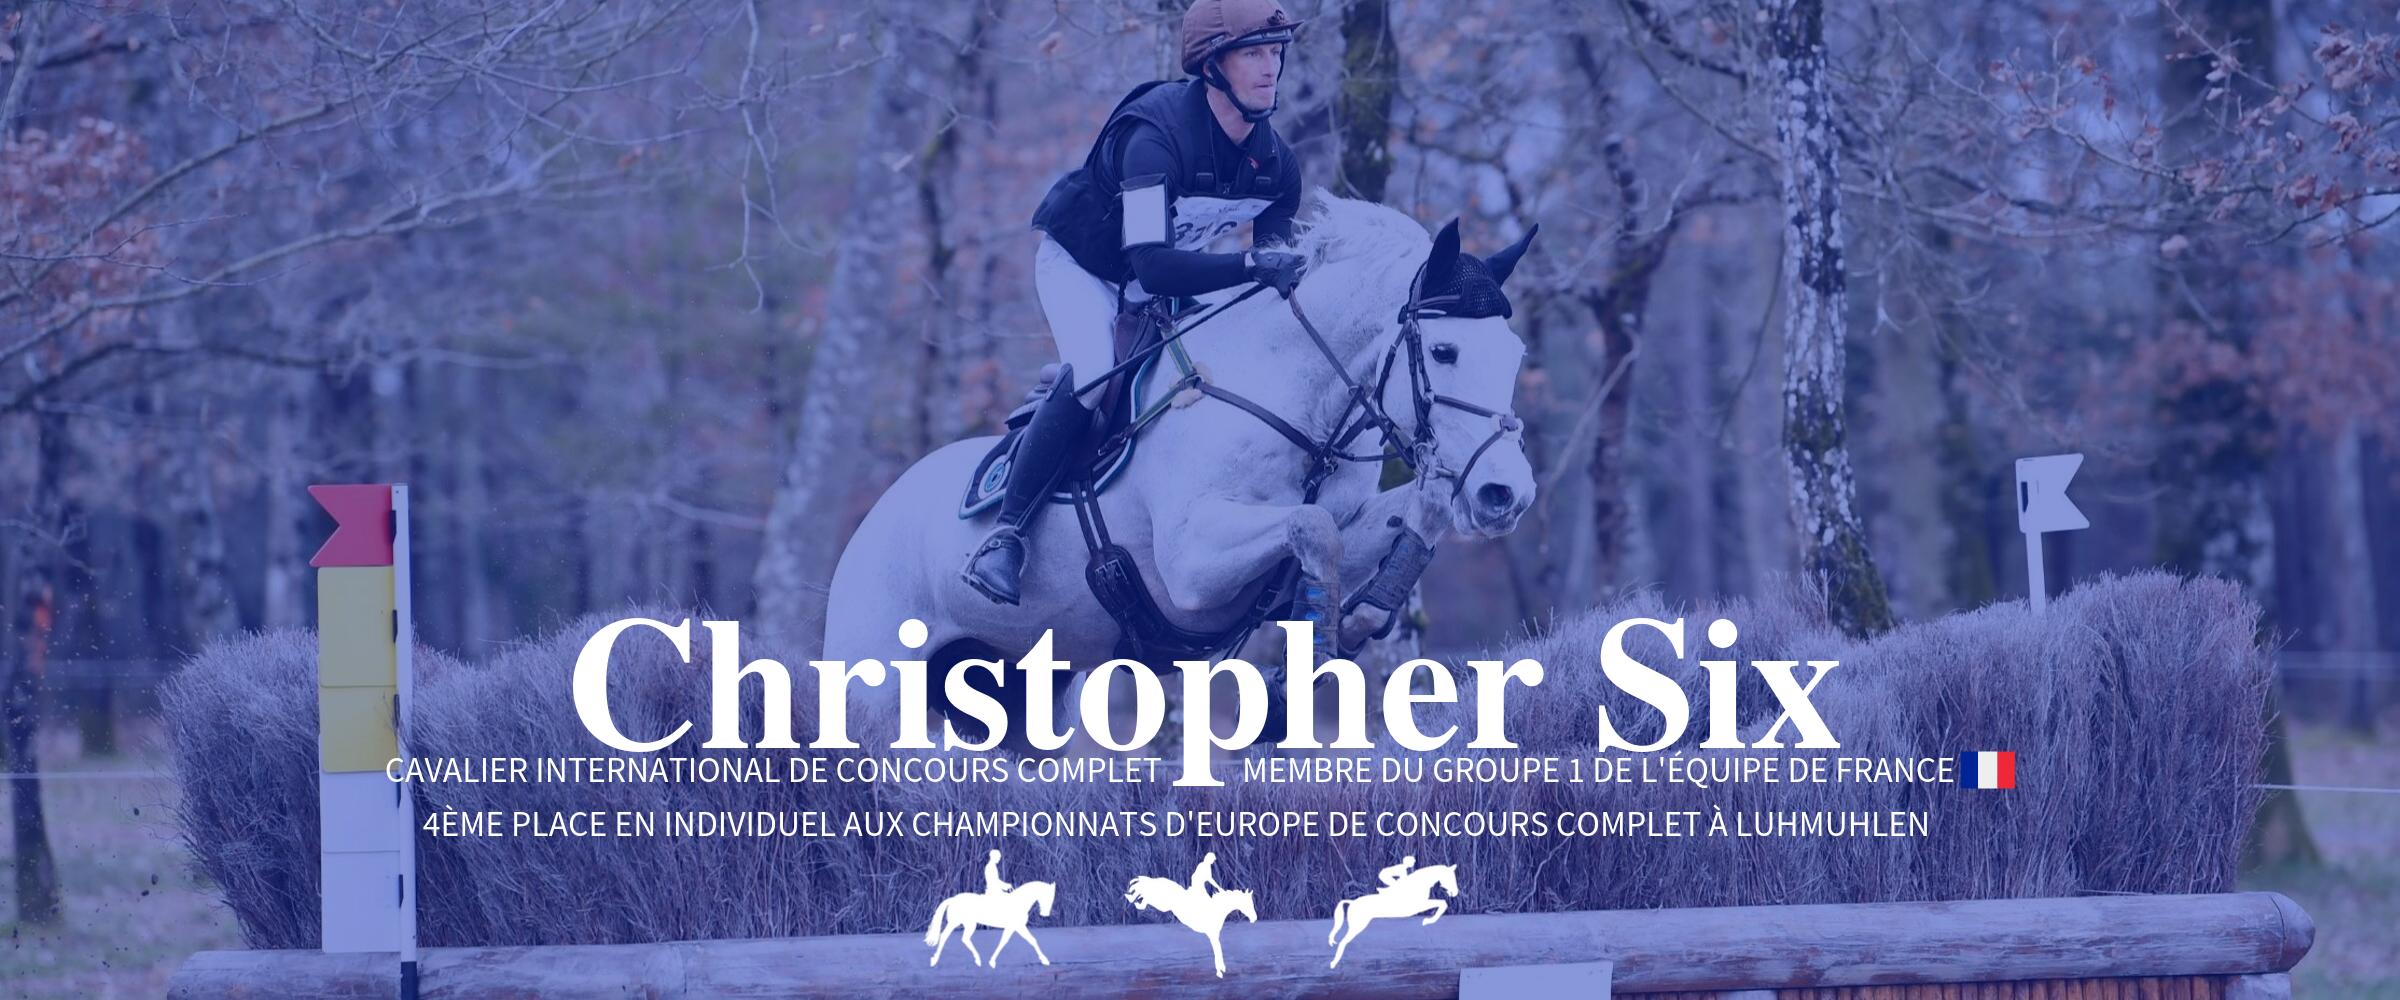 Christopher-six-ecurie-de-la-cendriniere-cavalier-de-concours-complet-international (1)